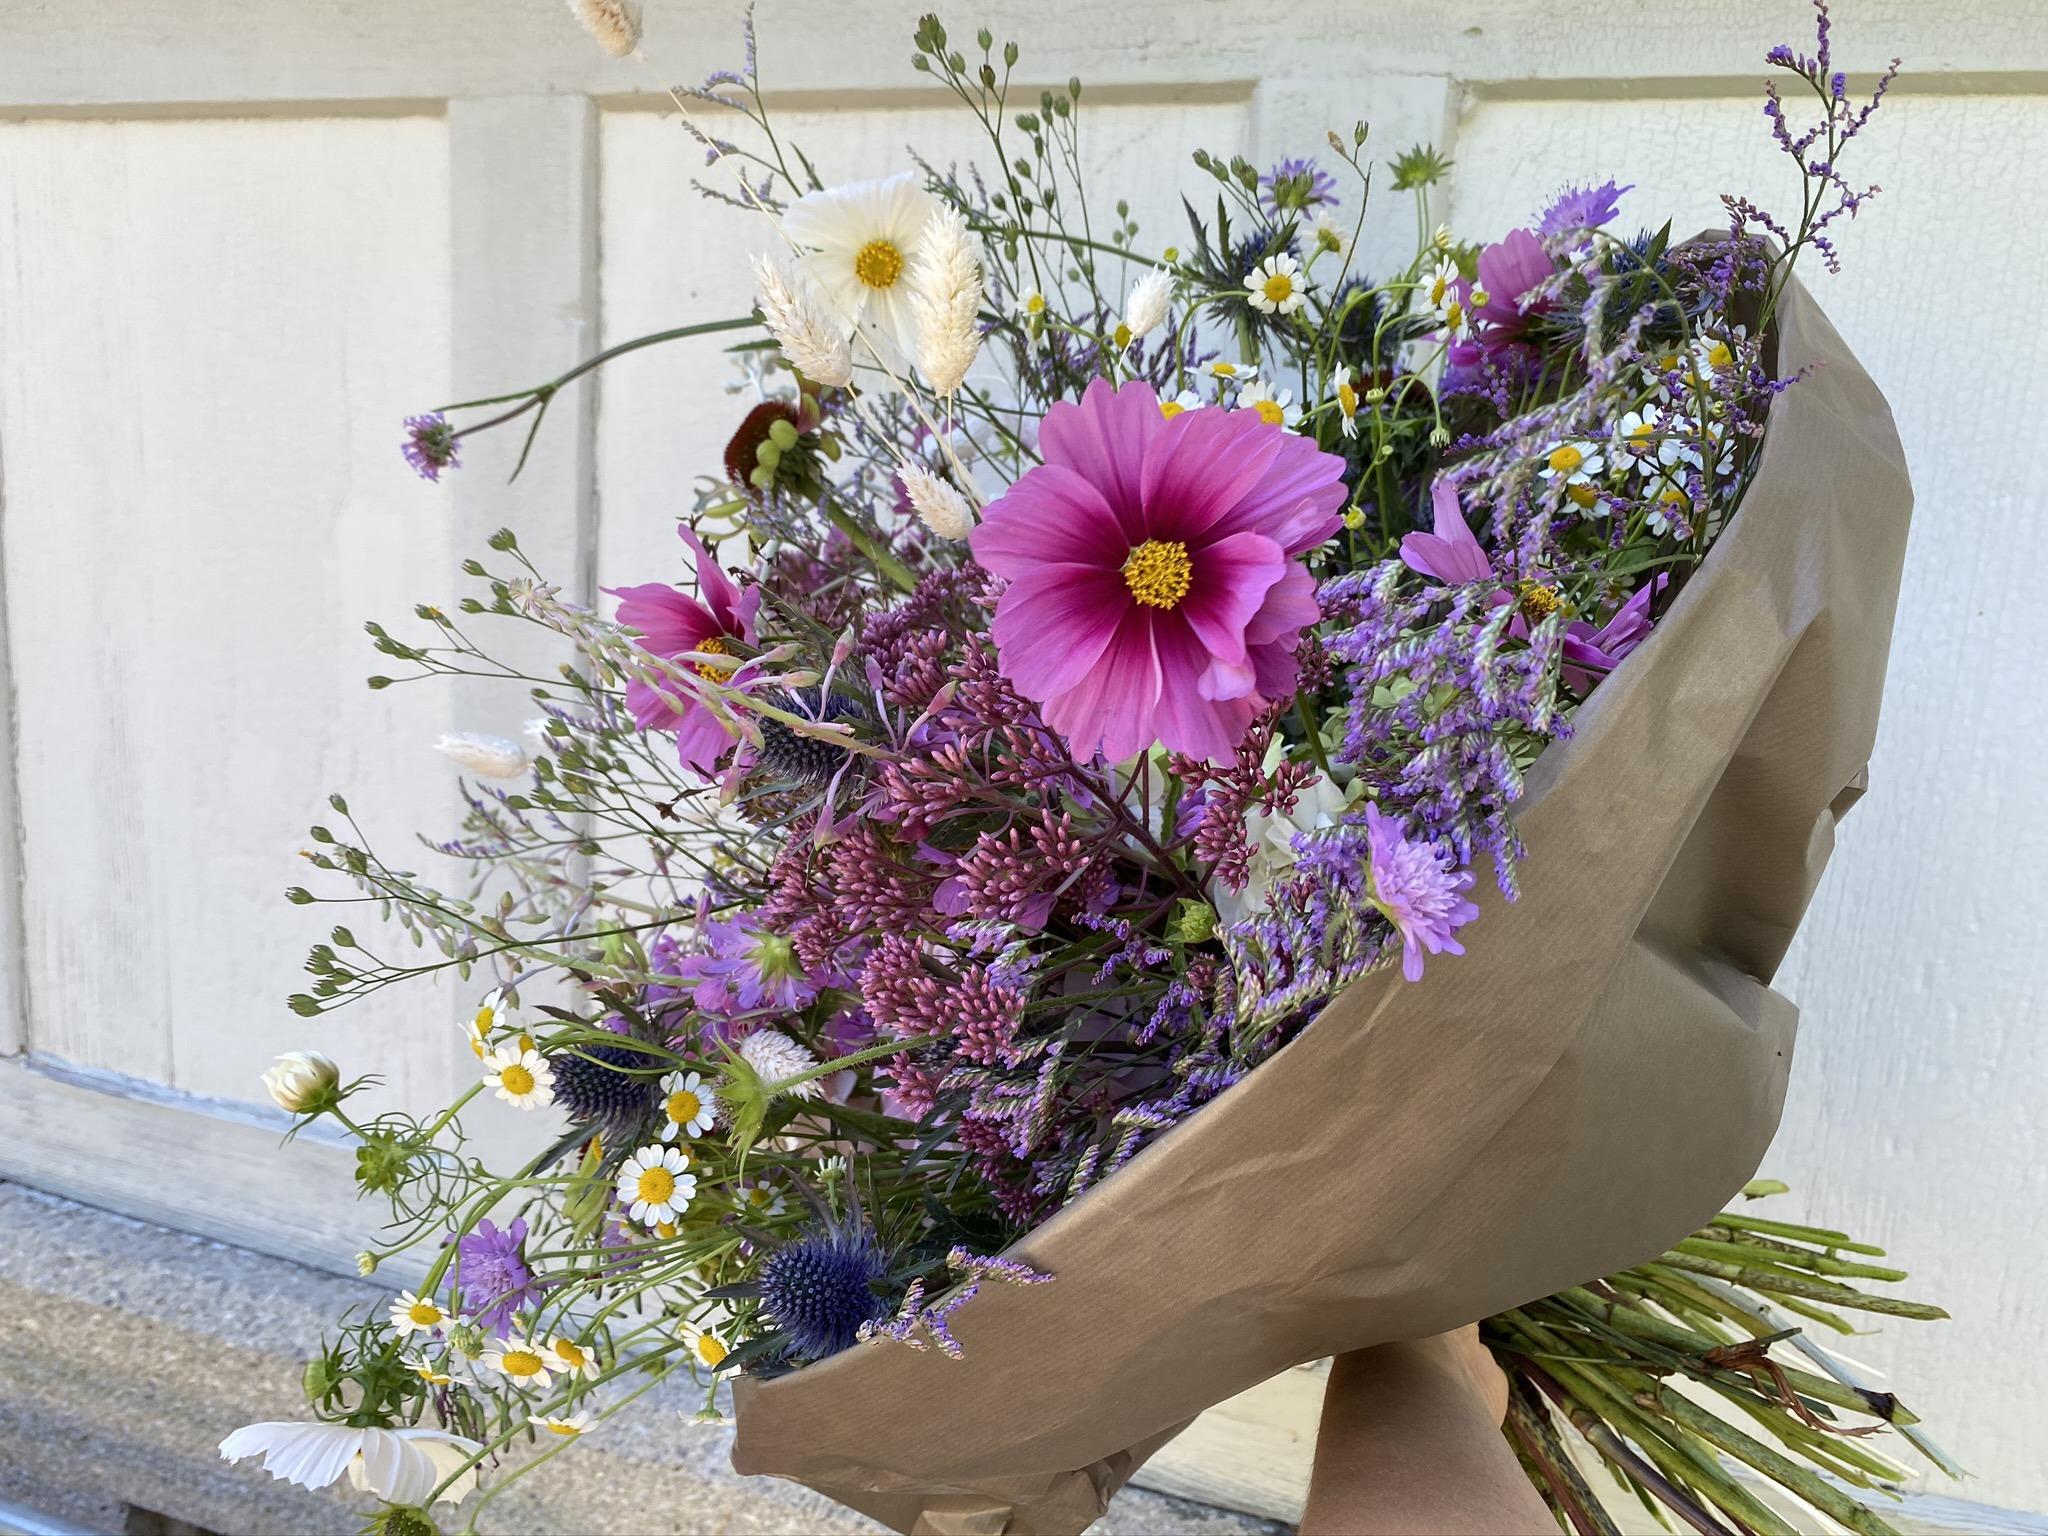 Sommerlicher Blumenstrauss in lila / weiss / blau Tönen